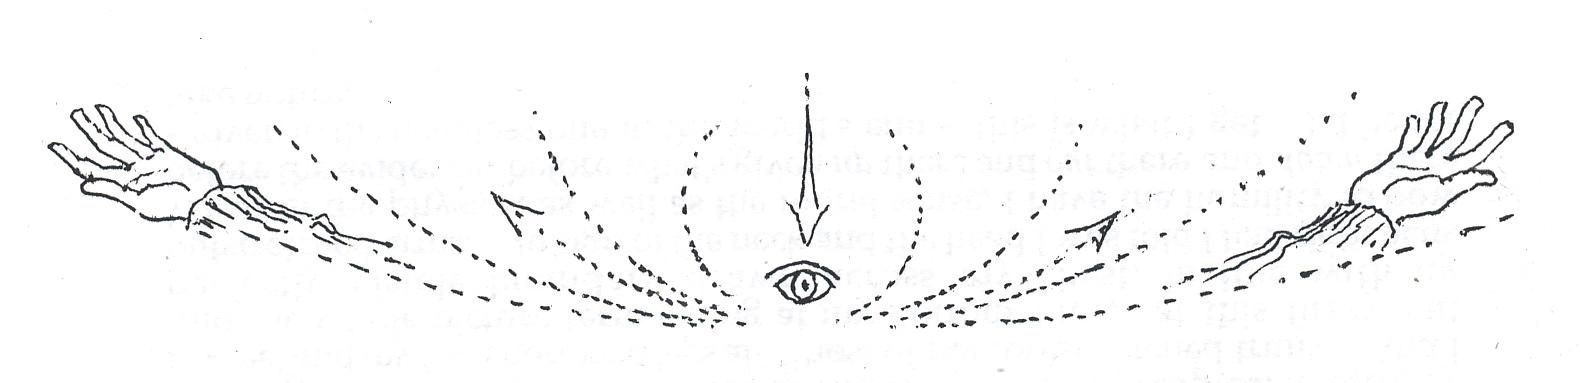 Mouni sadhu meditation